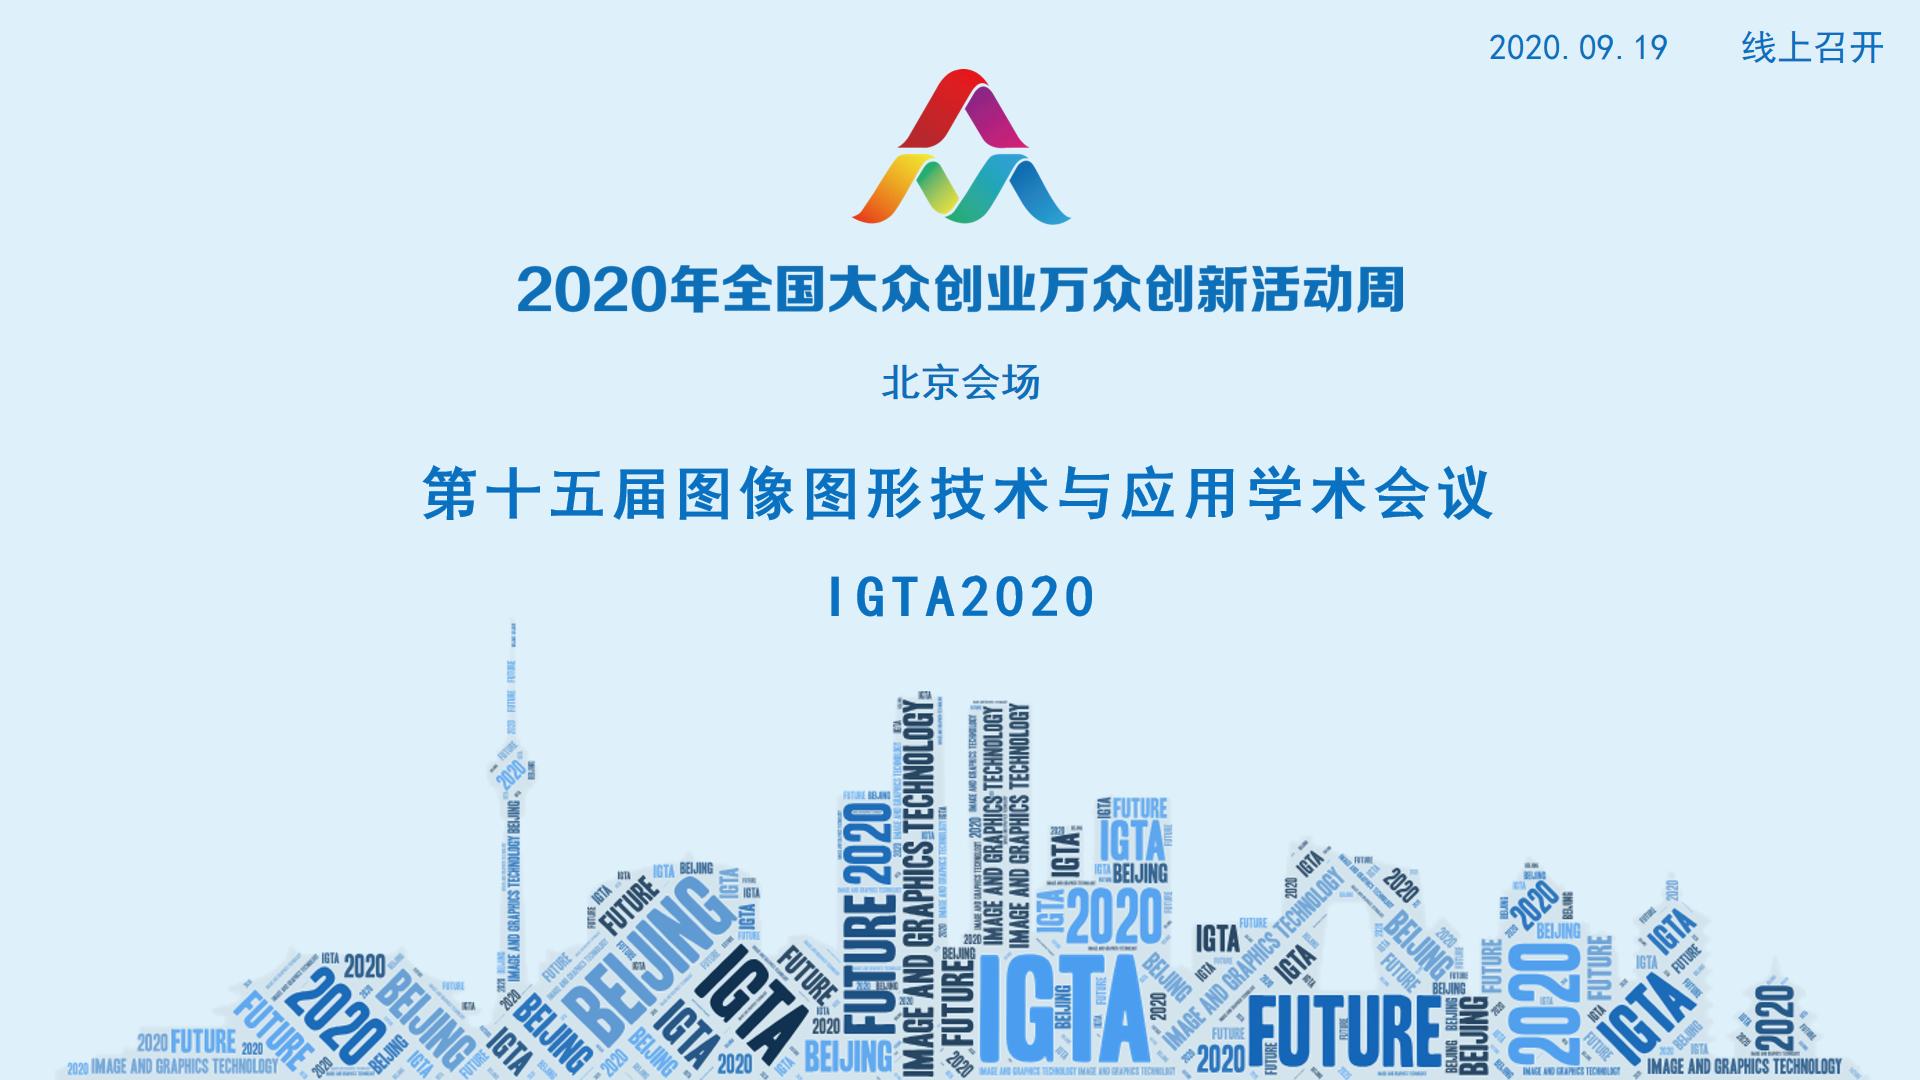 第十五届图像图形技术与应用学术会议(IGTA2020)取得圆满成功